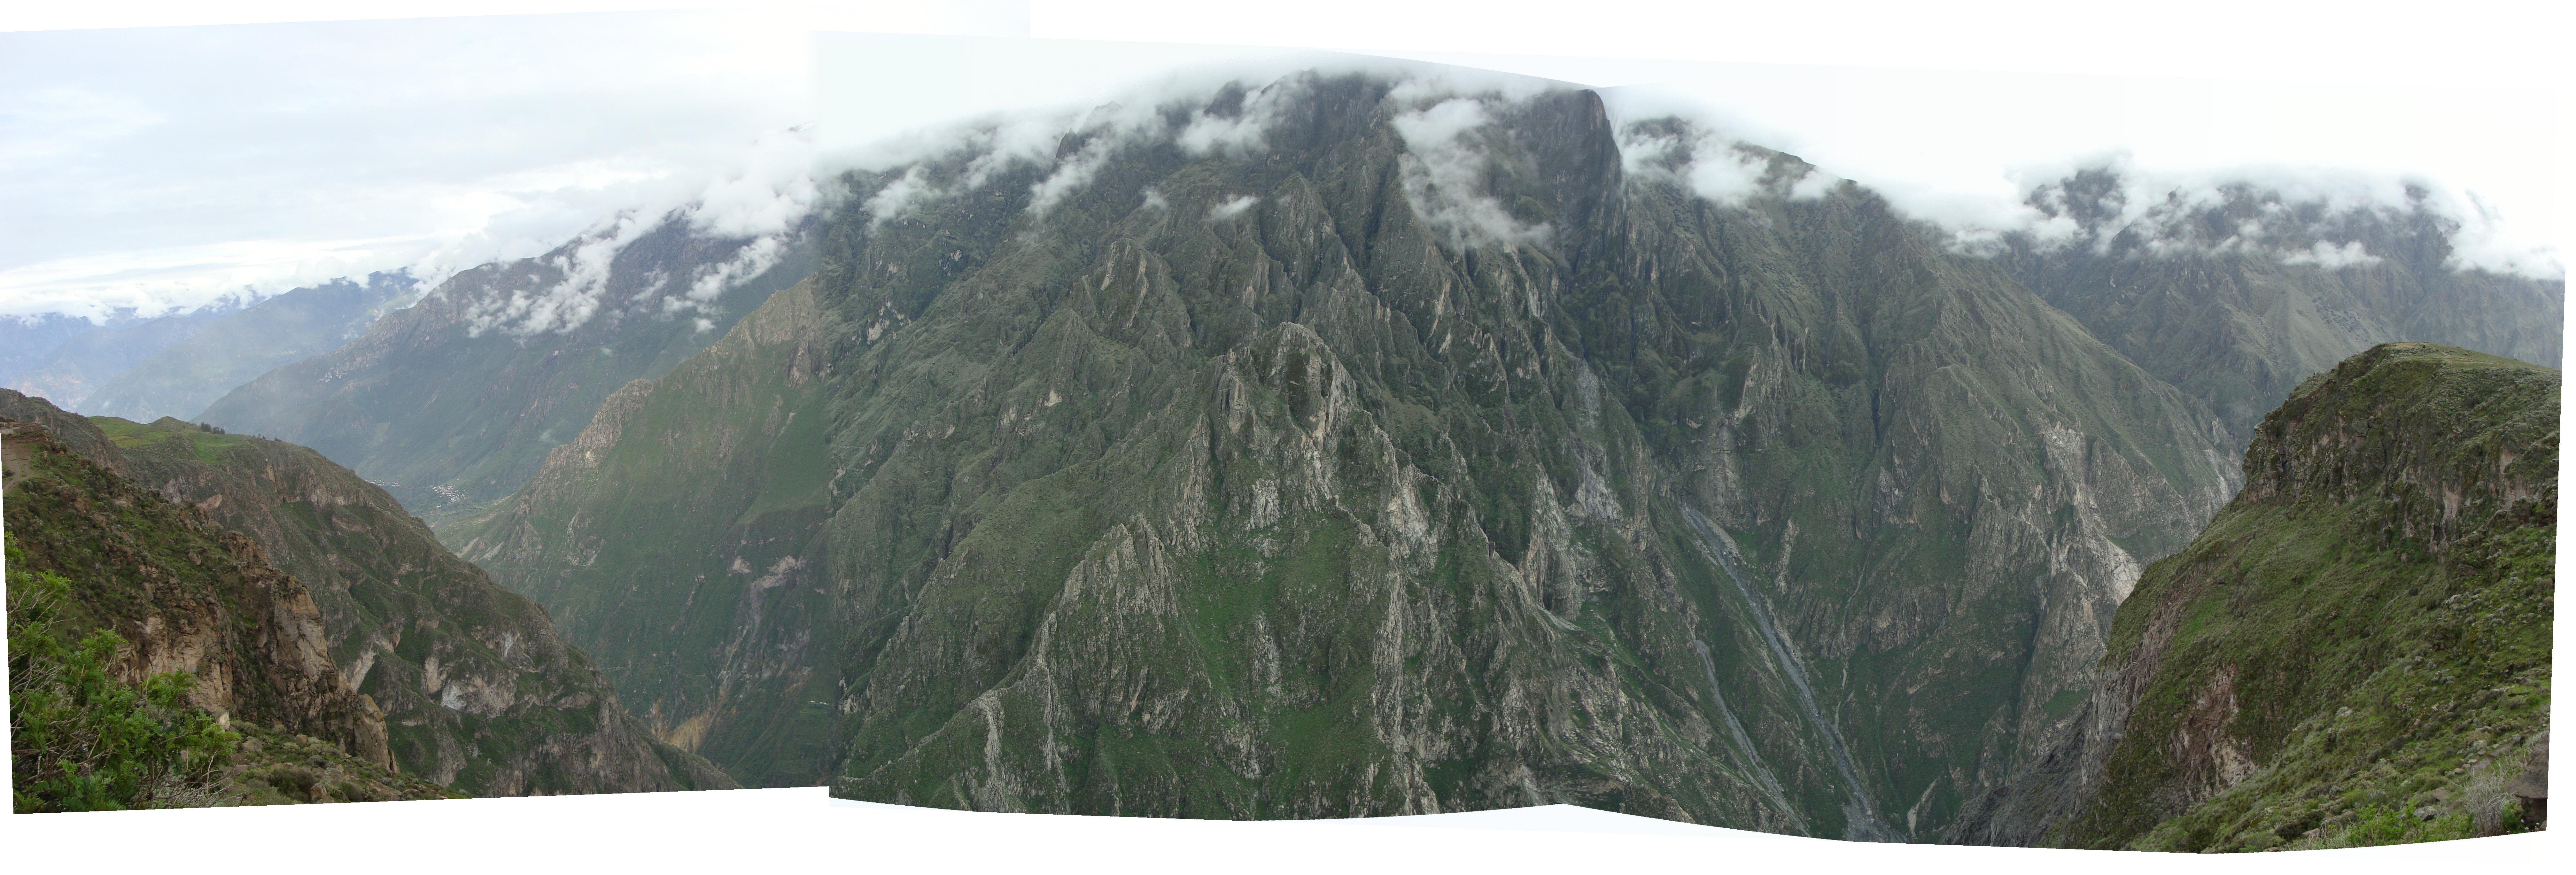 Kaňon Colca - panorama dne 19. 2. 2011